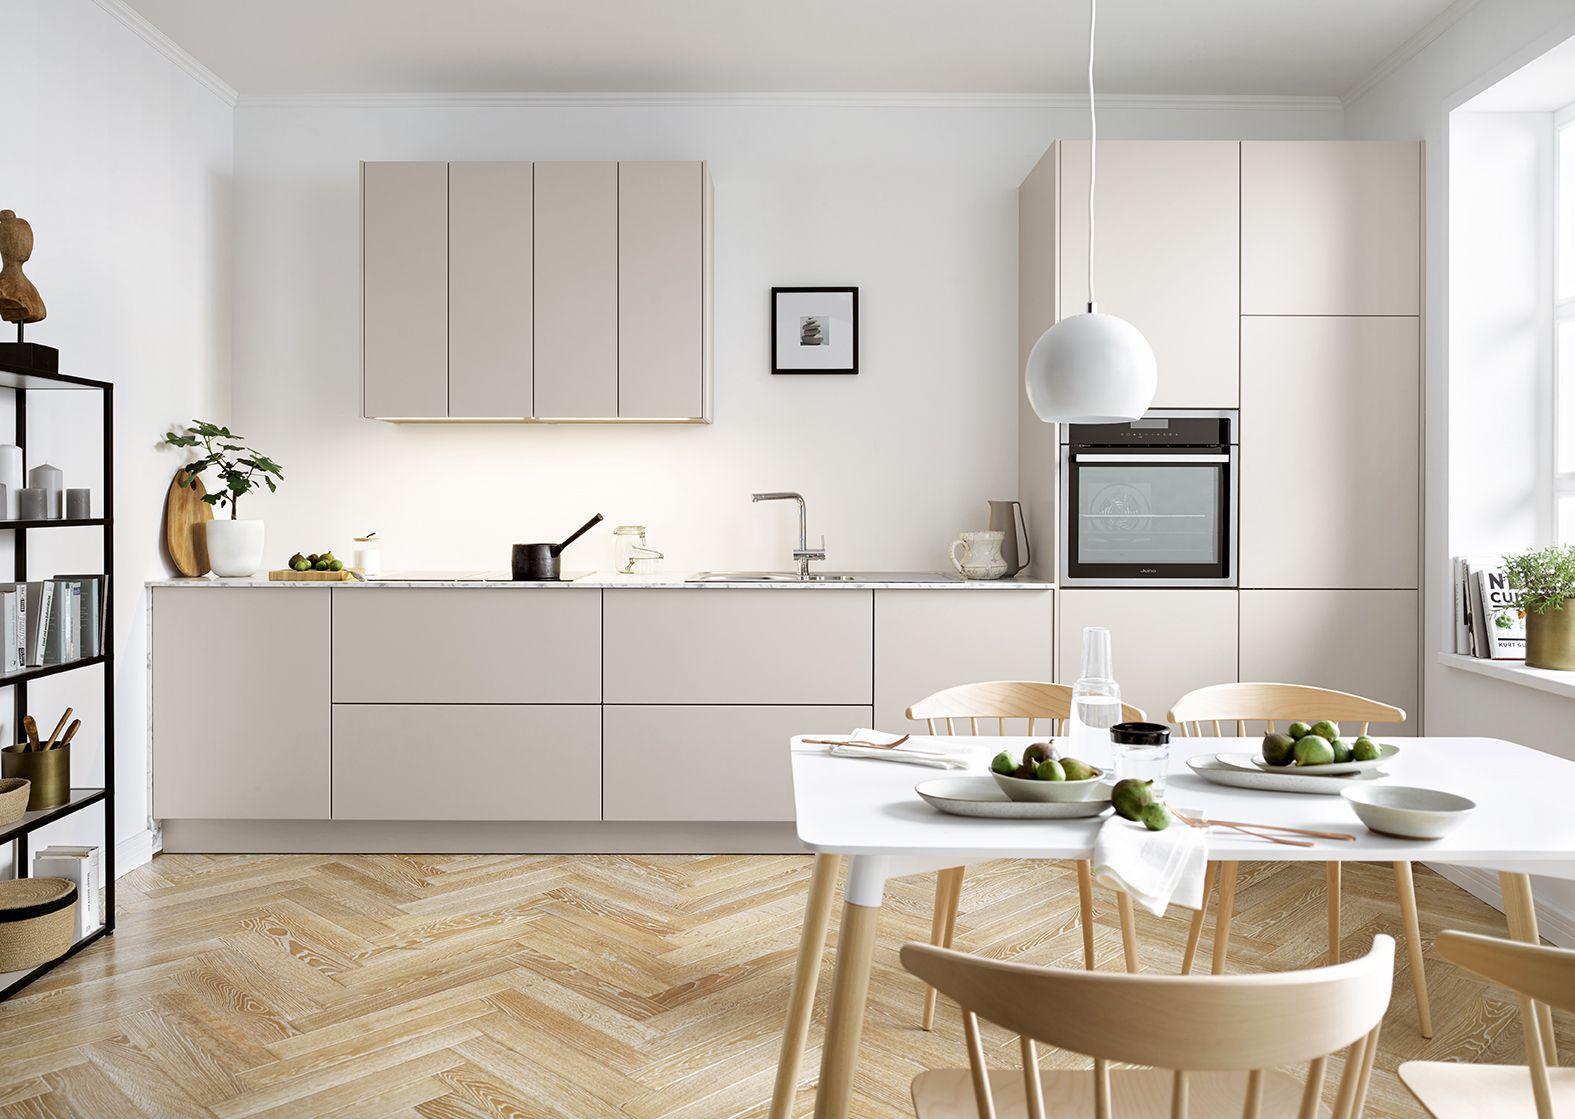 Keukenkast Zonder Greep : Minimalistische keuken zonder greep de lades en deuren zijn